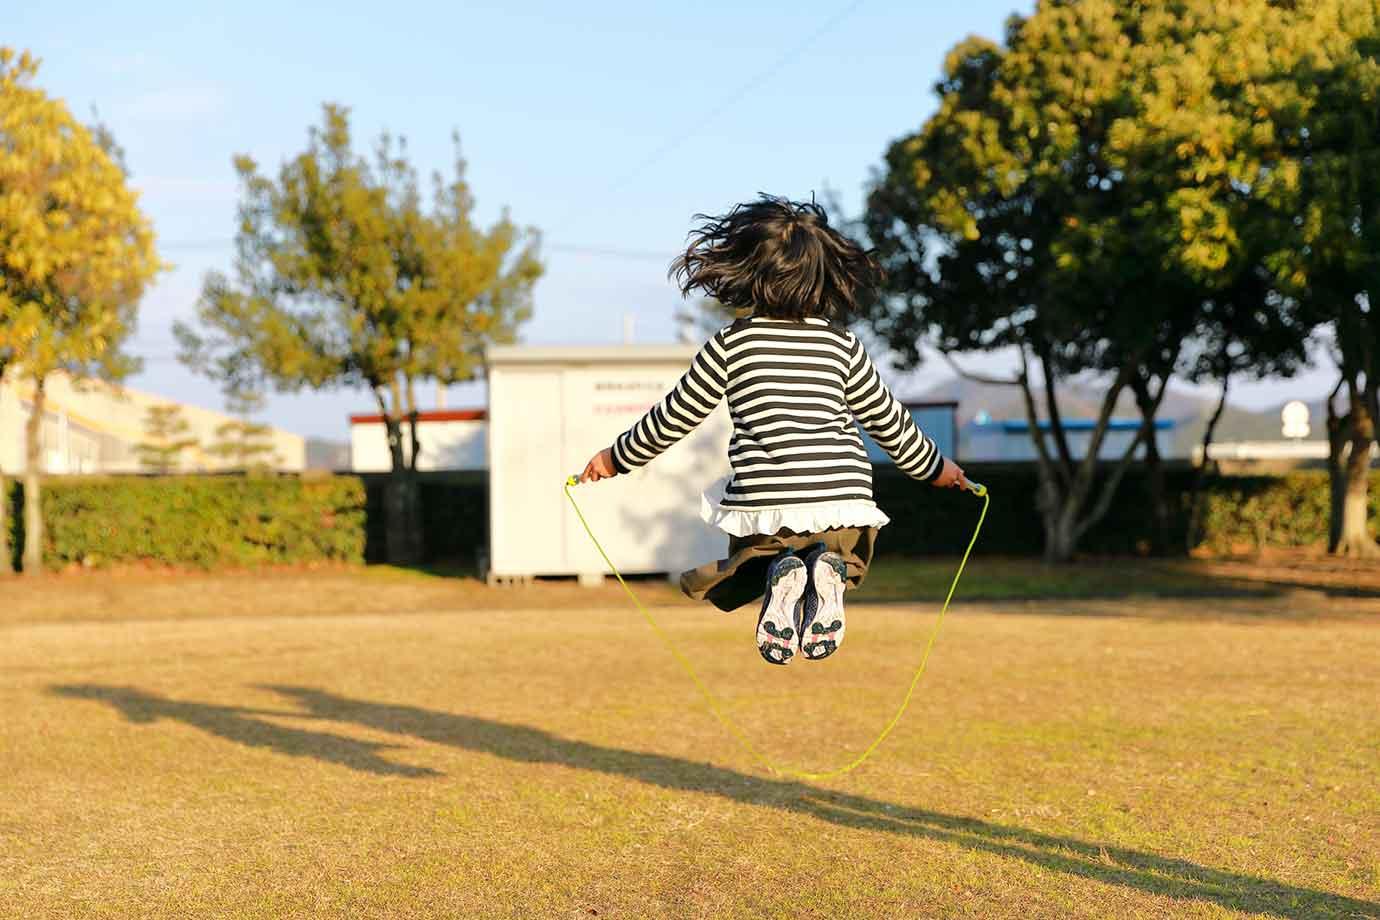 文部科学省「幼児期運動指針」では、毎日60分以上、楽しく体を動かすことを推奨しています